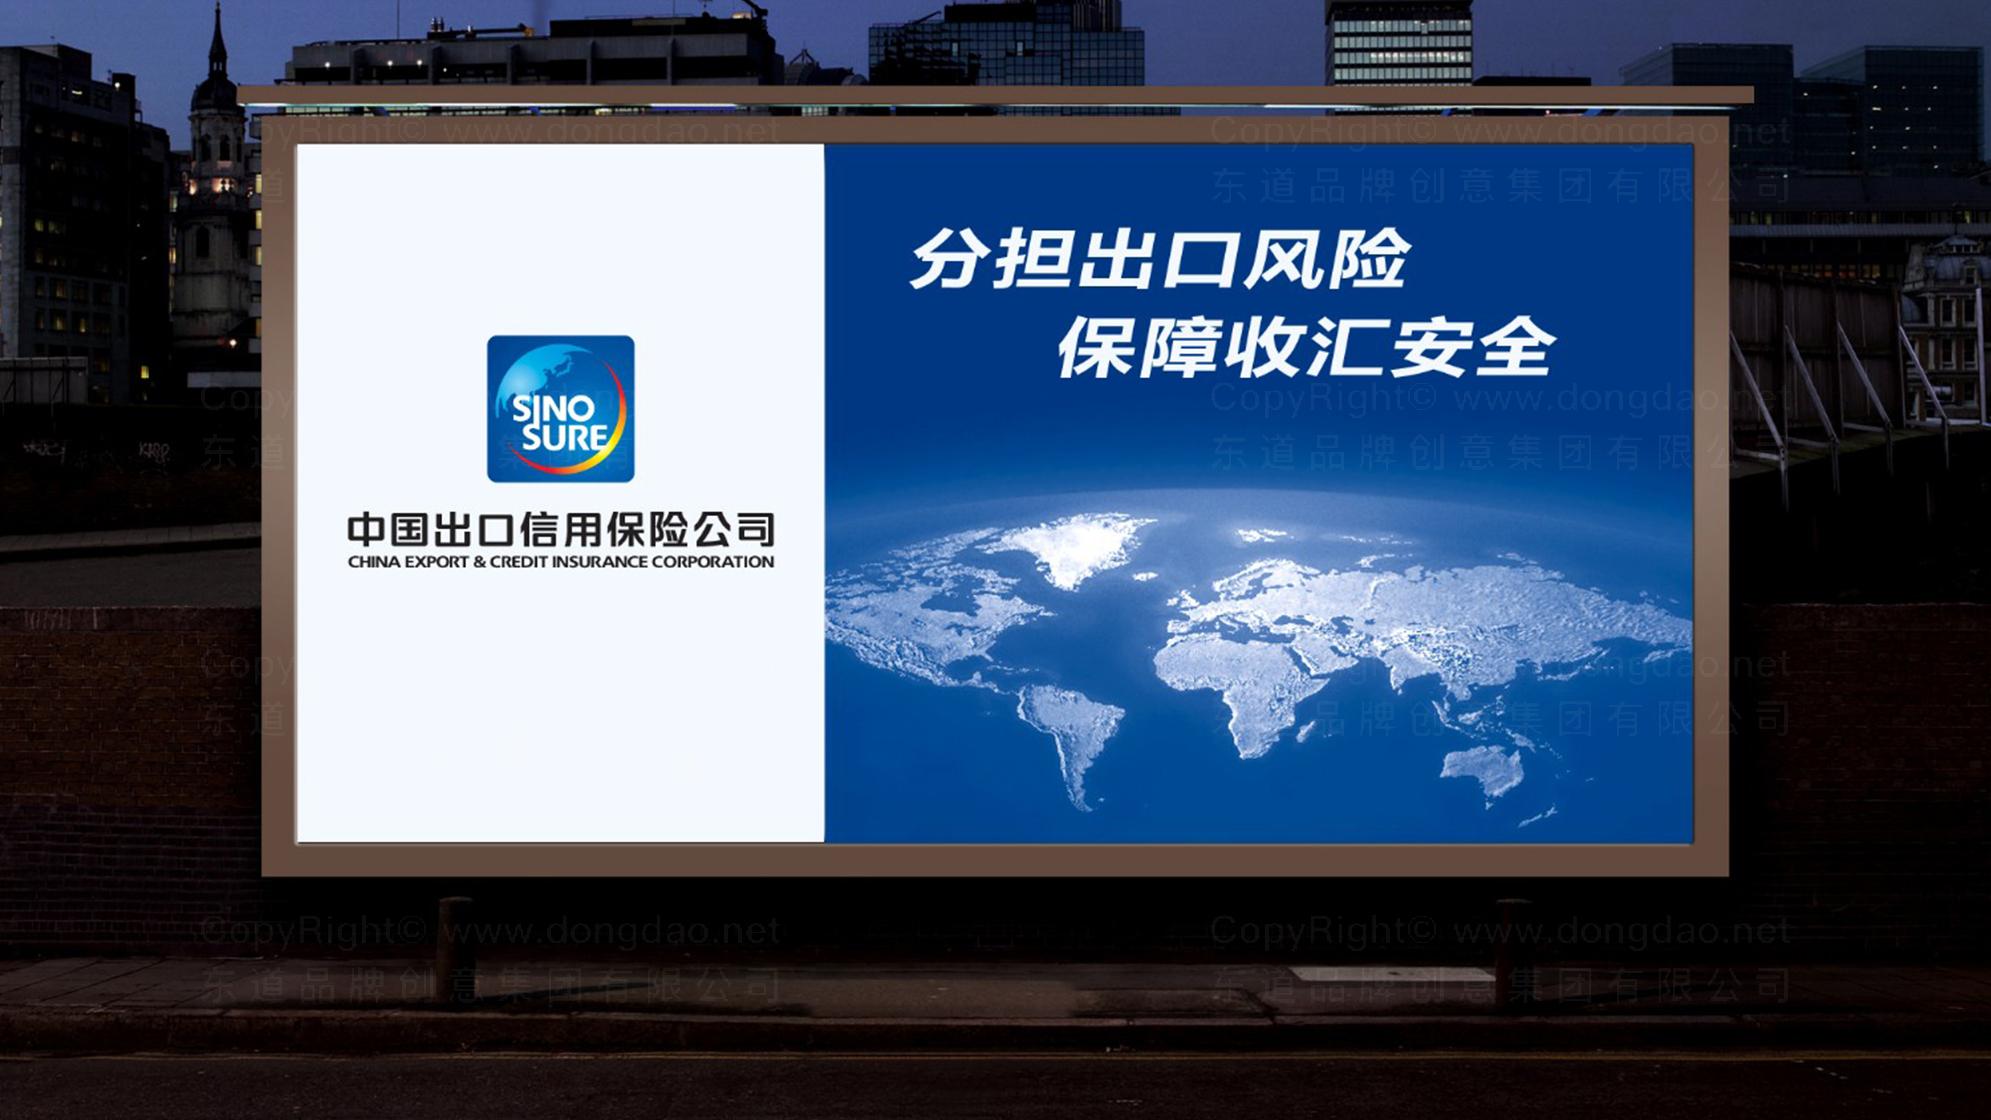 保险公司vi设计logo设计、vi设计应用场景_1